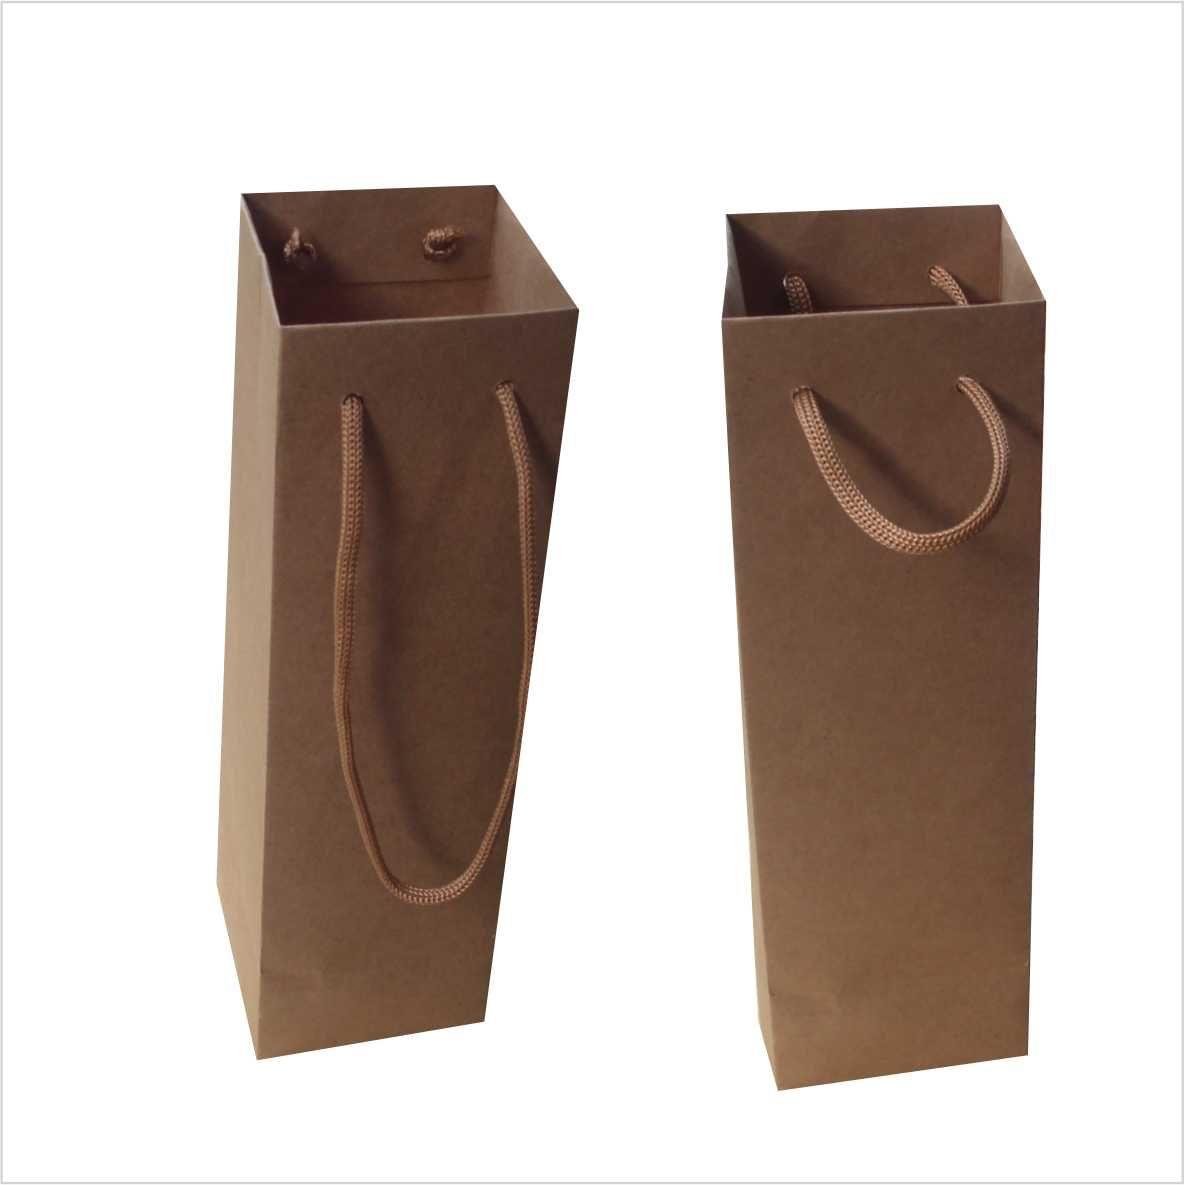 Sacola kraft para taça ou long drink (7,5x24x7 cm) - cor parda - 10 unidades